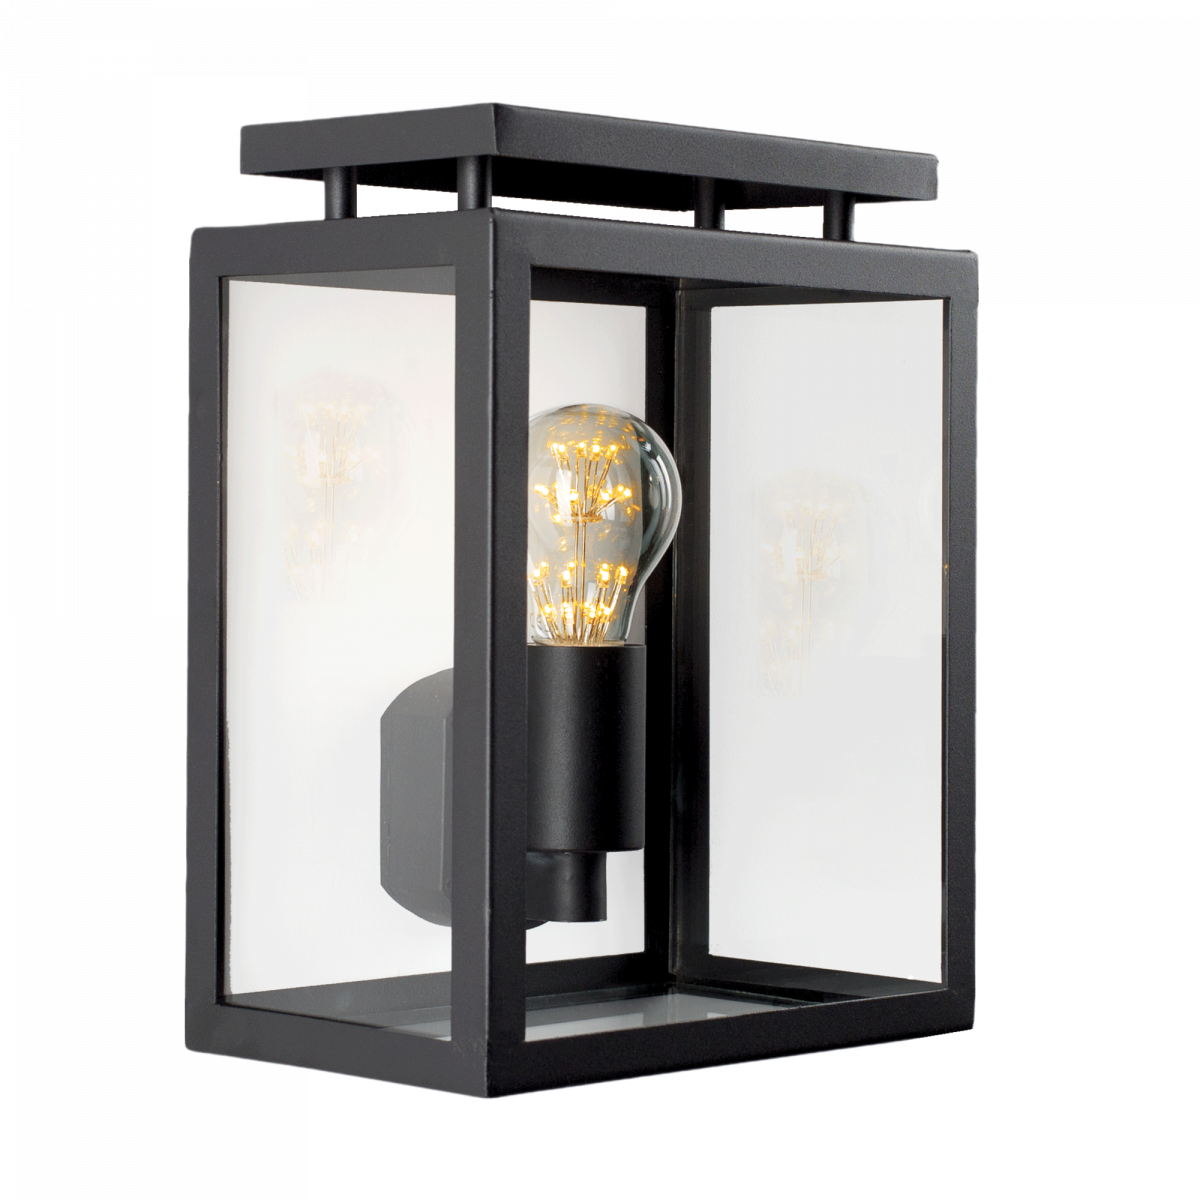 Buitenverlichting de Vecht plat wandlamp, strak klassieke buitenlamp voor aan de muur, origineel design gevel verlichting van KS Verlichting